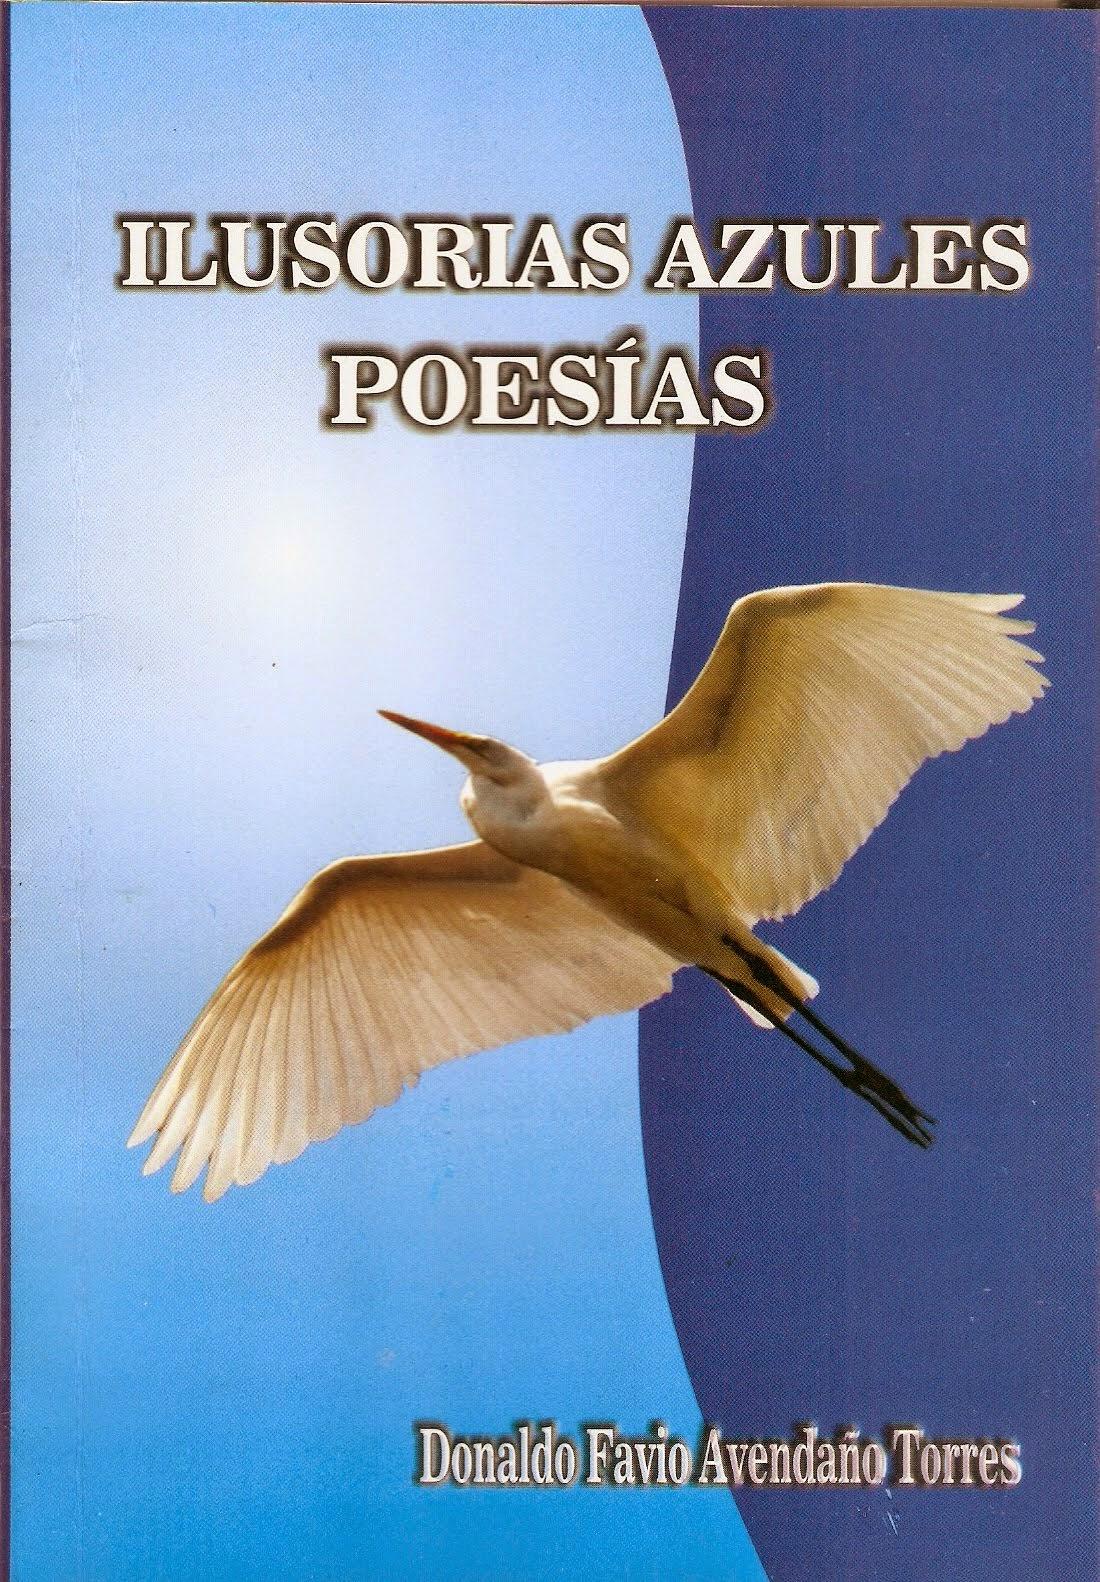 ILUSORIAS AZULES POESÍAS